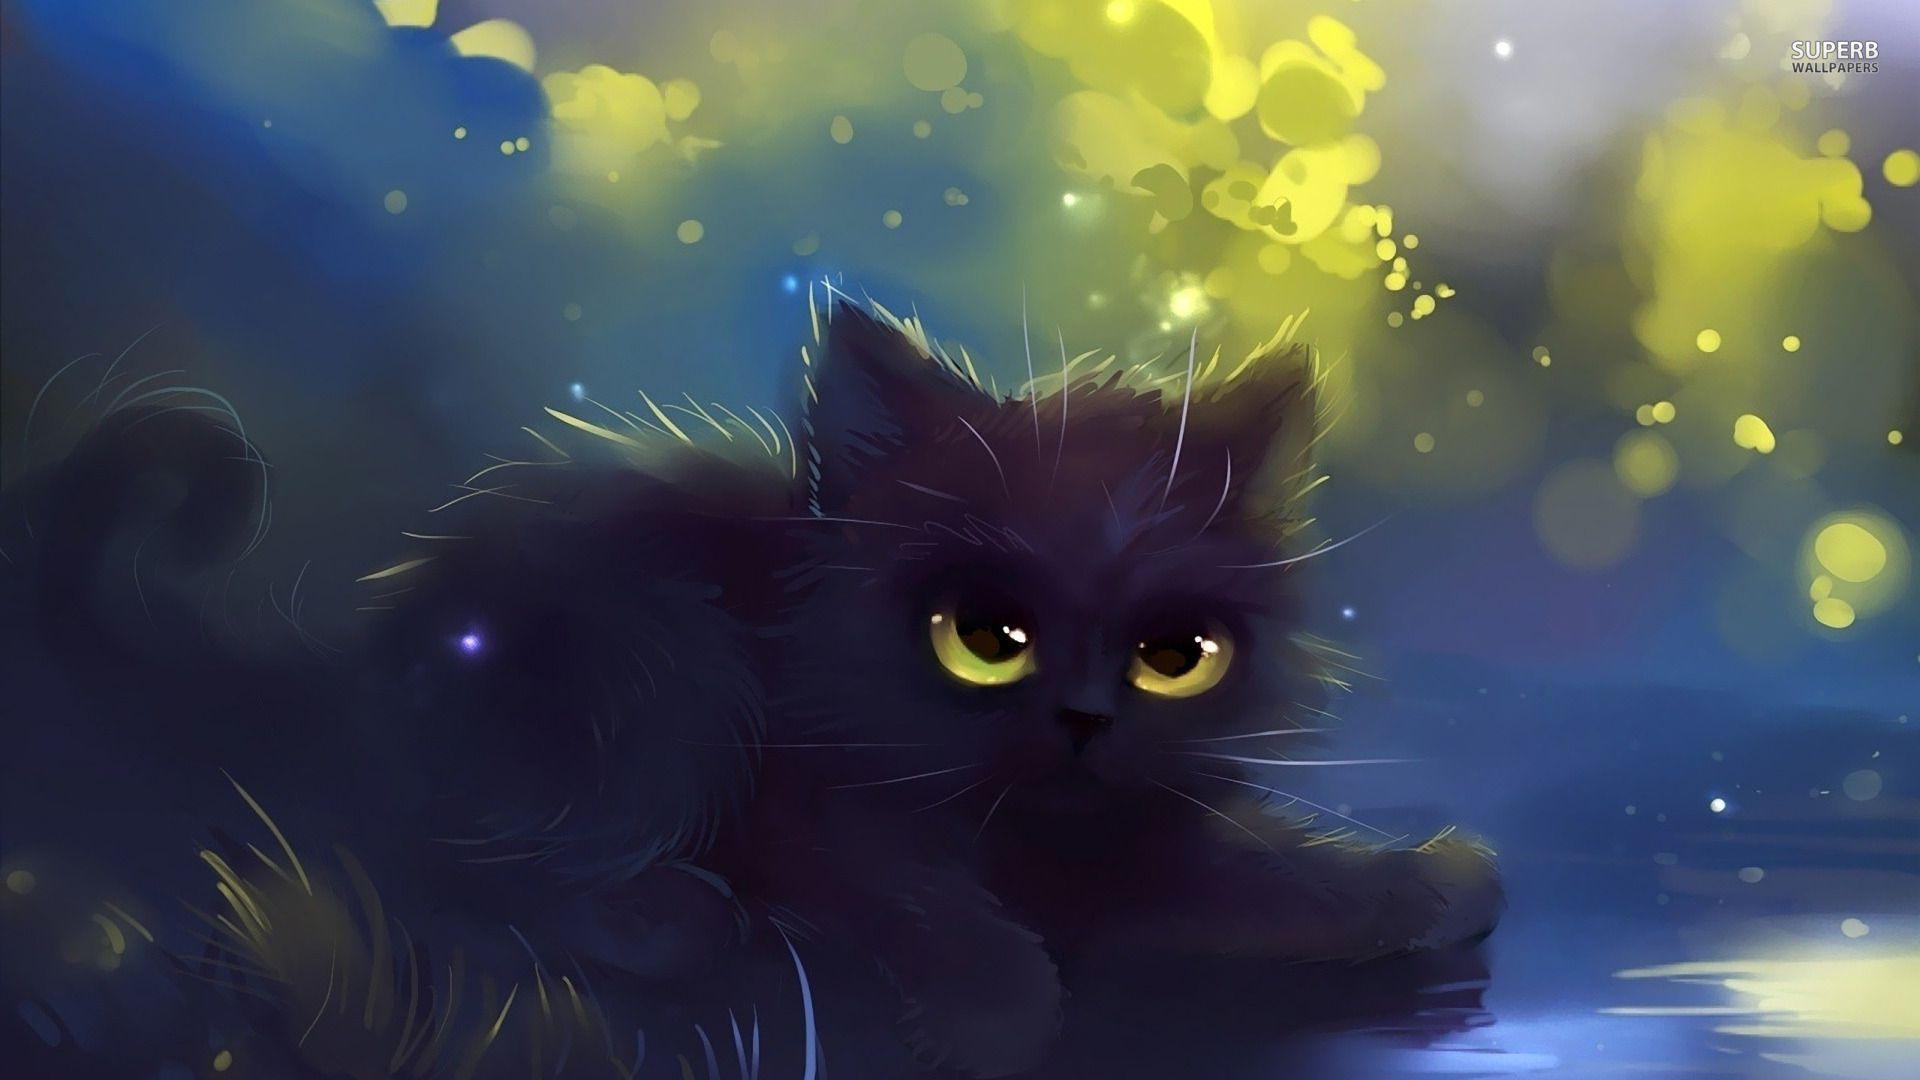 Pin Von Barbara Ingram Auf Cats Artistic Schwarze Katze Kunst